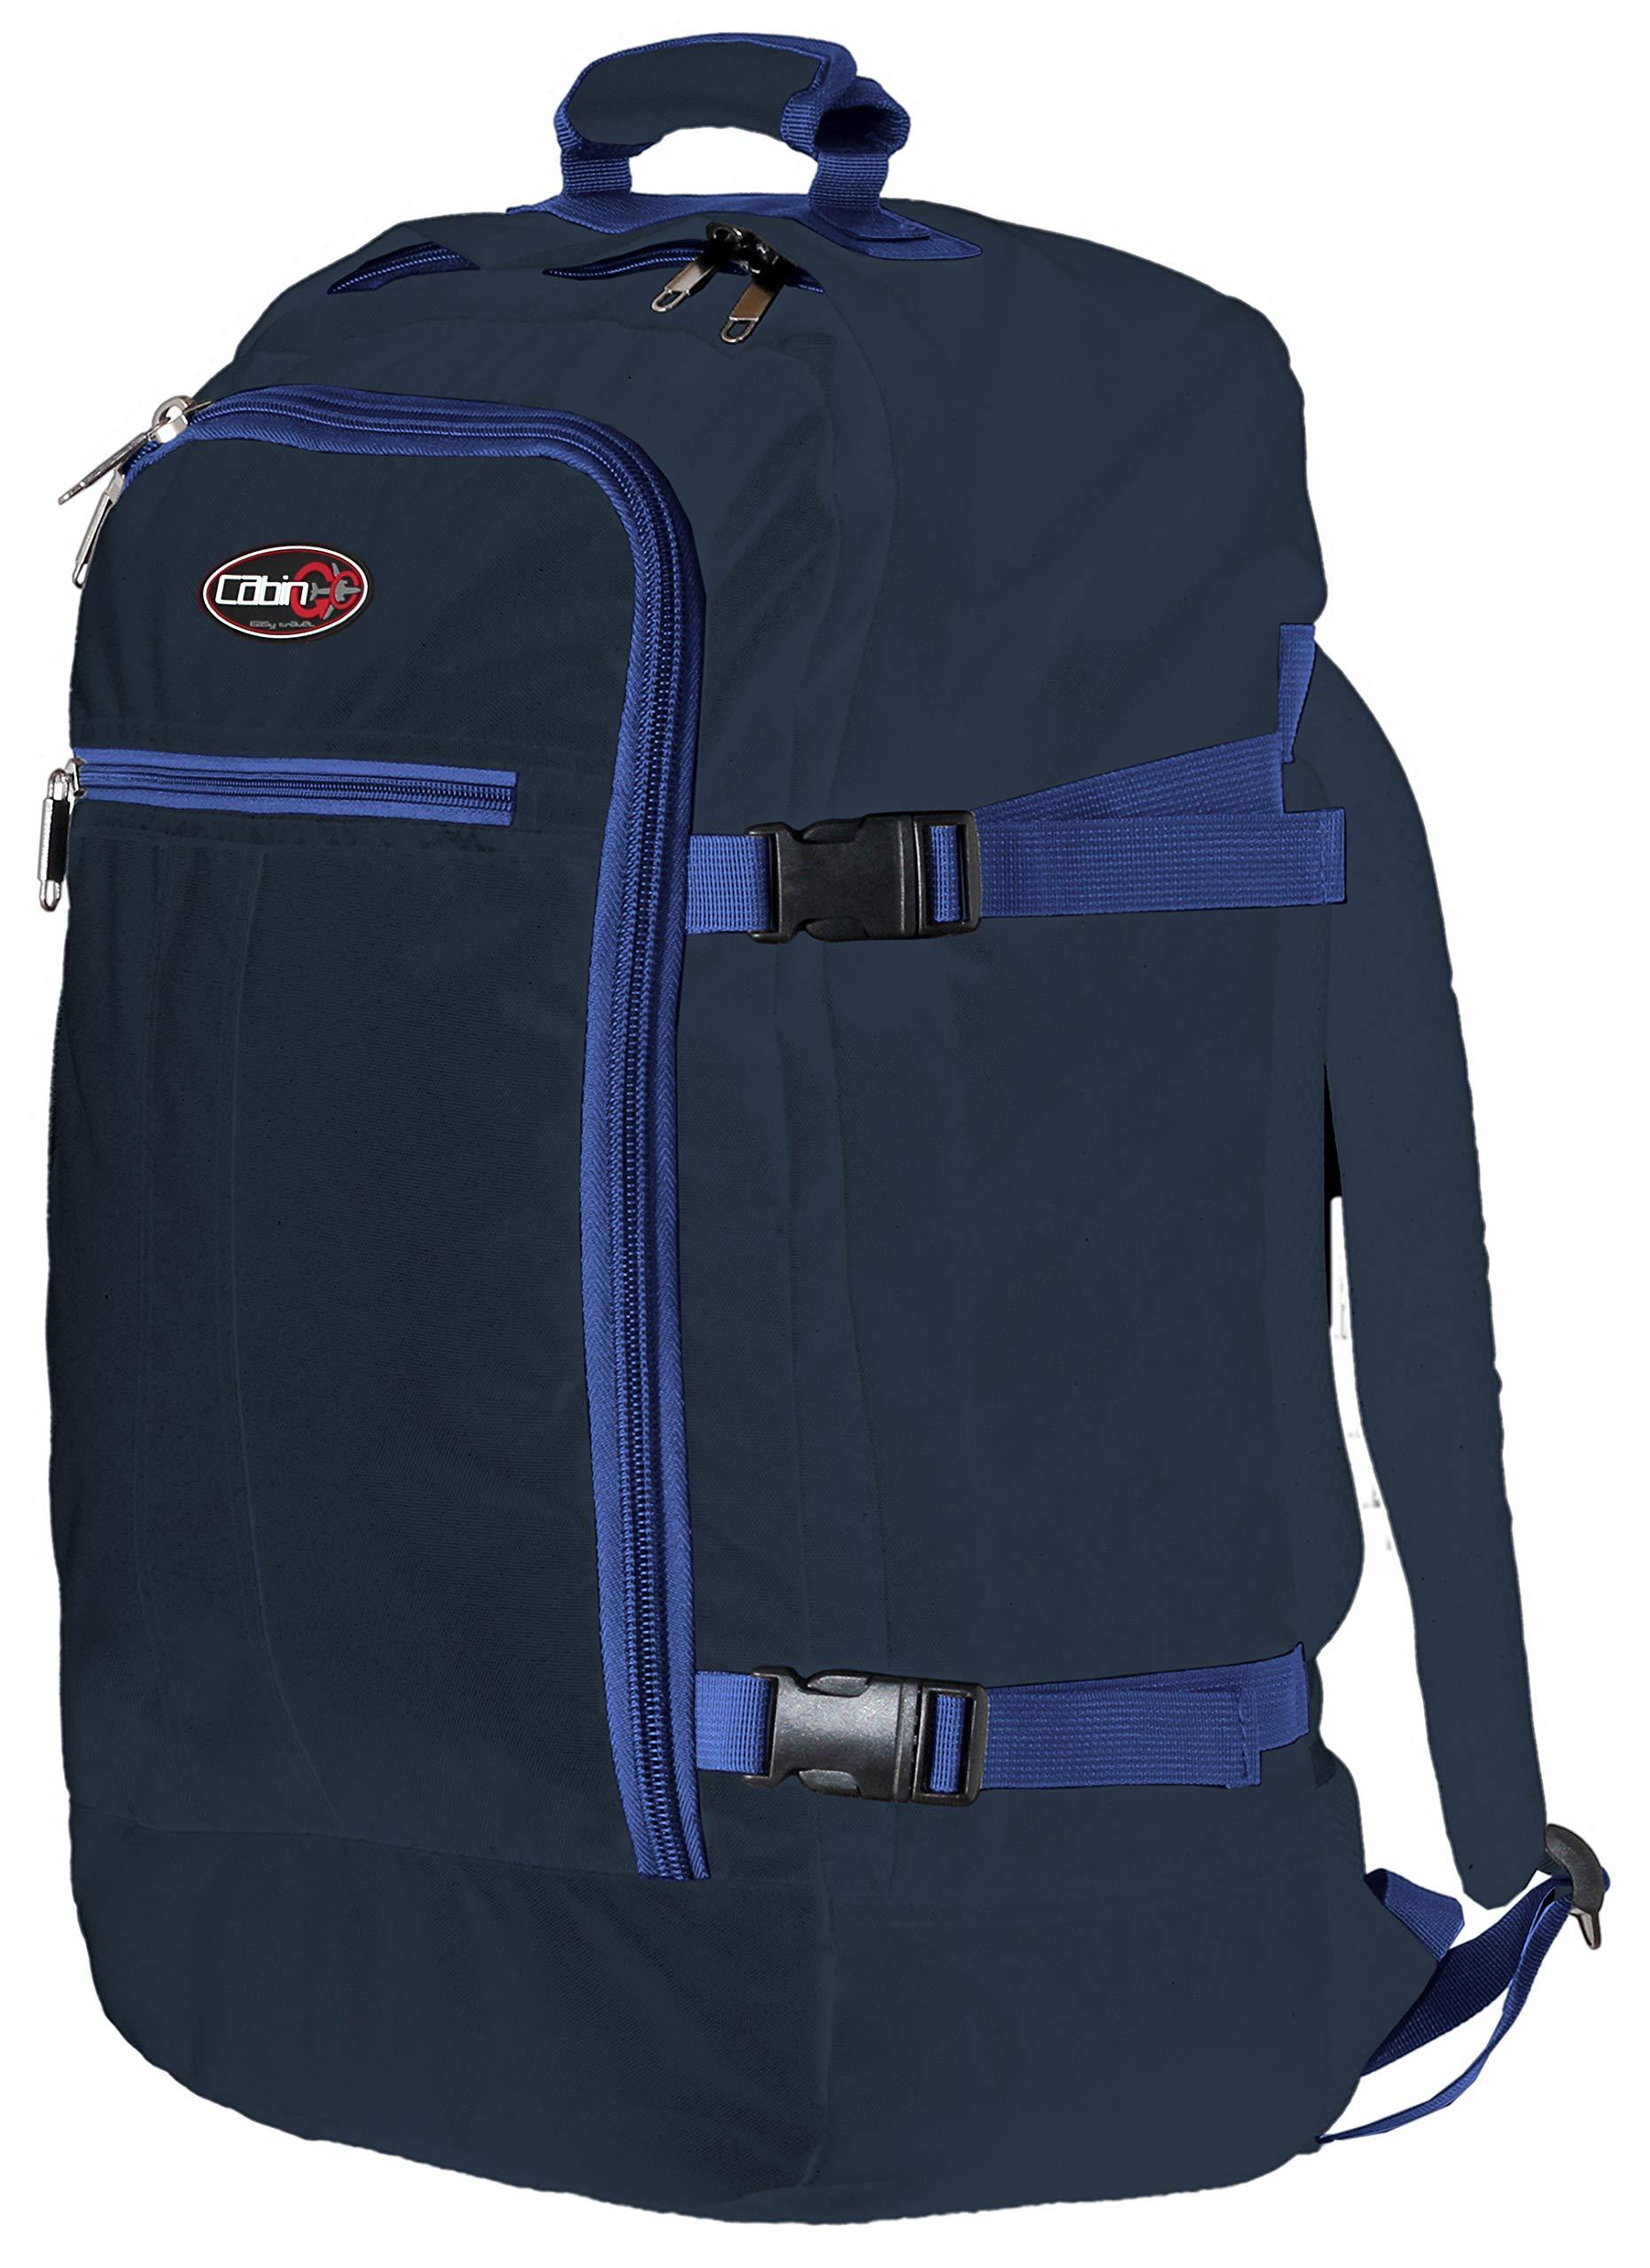 81cKNuLDVHL - CABIN GO Mochila cod. MAX 5540 equipaje de mano/cabina de viaje, 55 x 40 x 20 cm, 44 litros de vuelo IATA aprobados/EasyJet/Ryanair